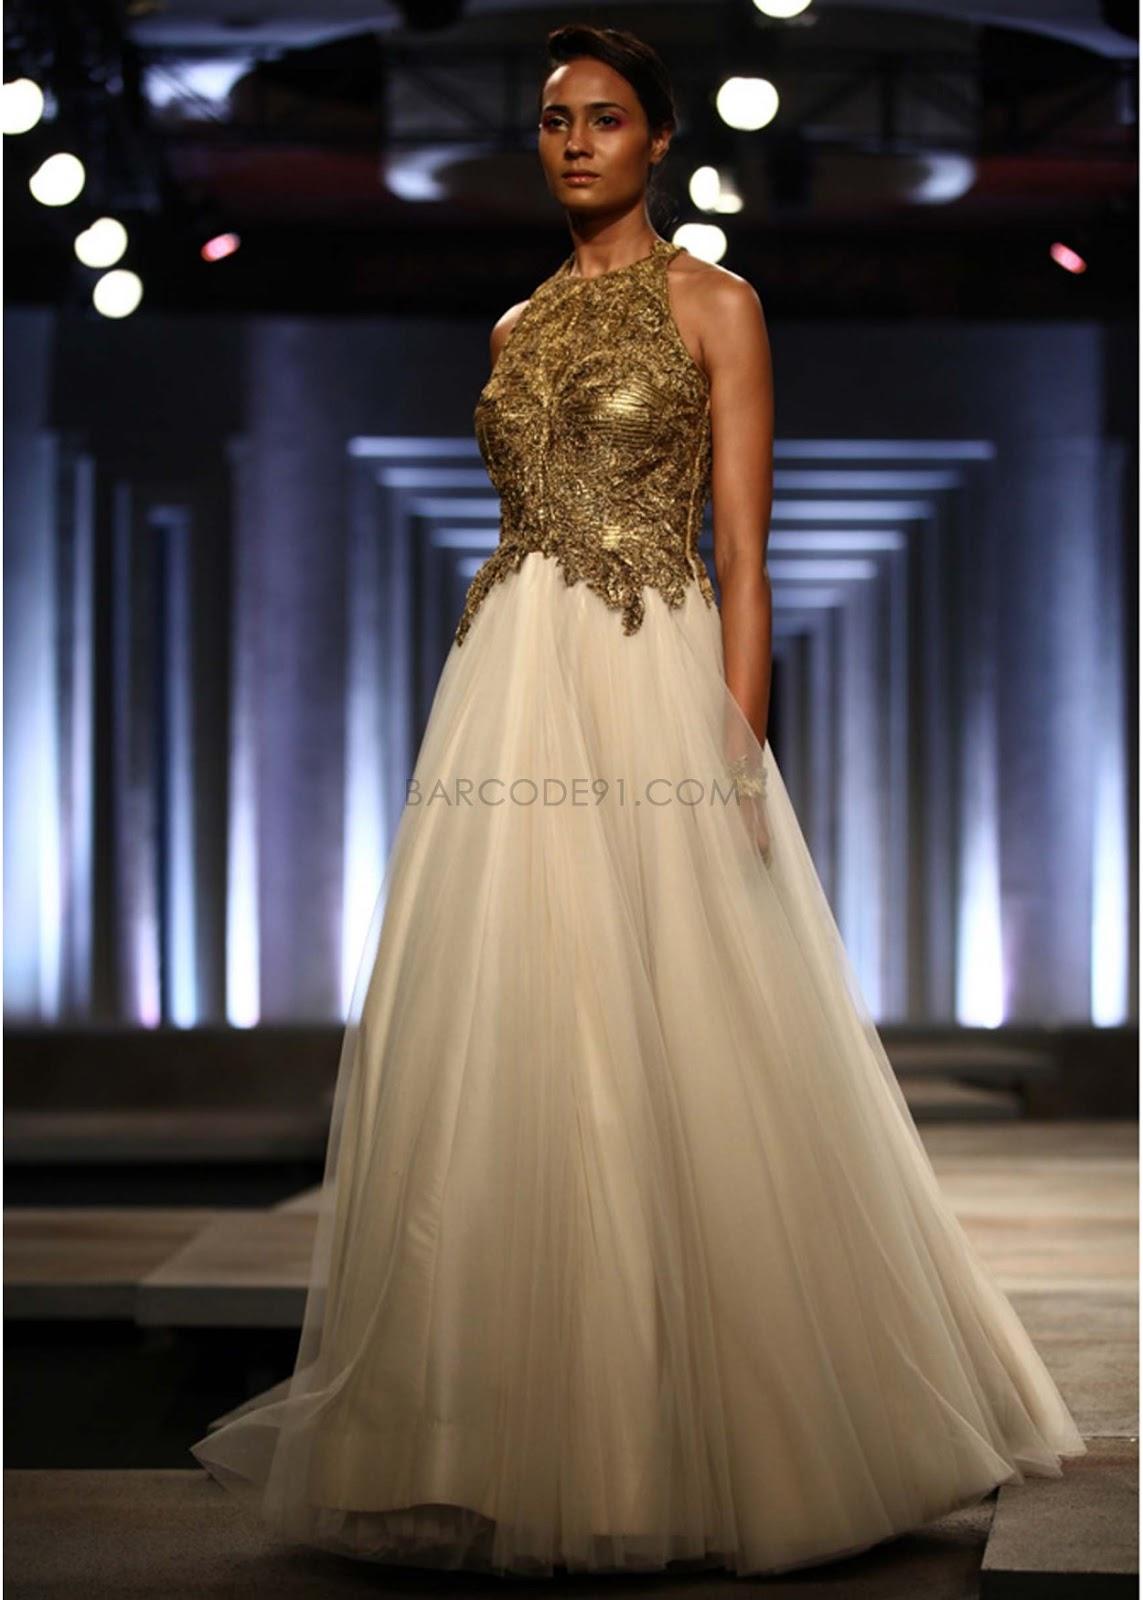 Shanatanu and Nikhil at India Bridal Fashion Week 2013 ...